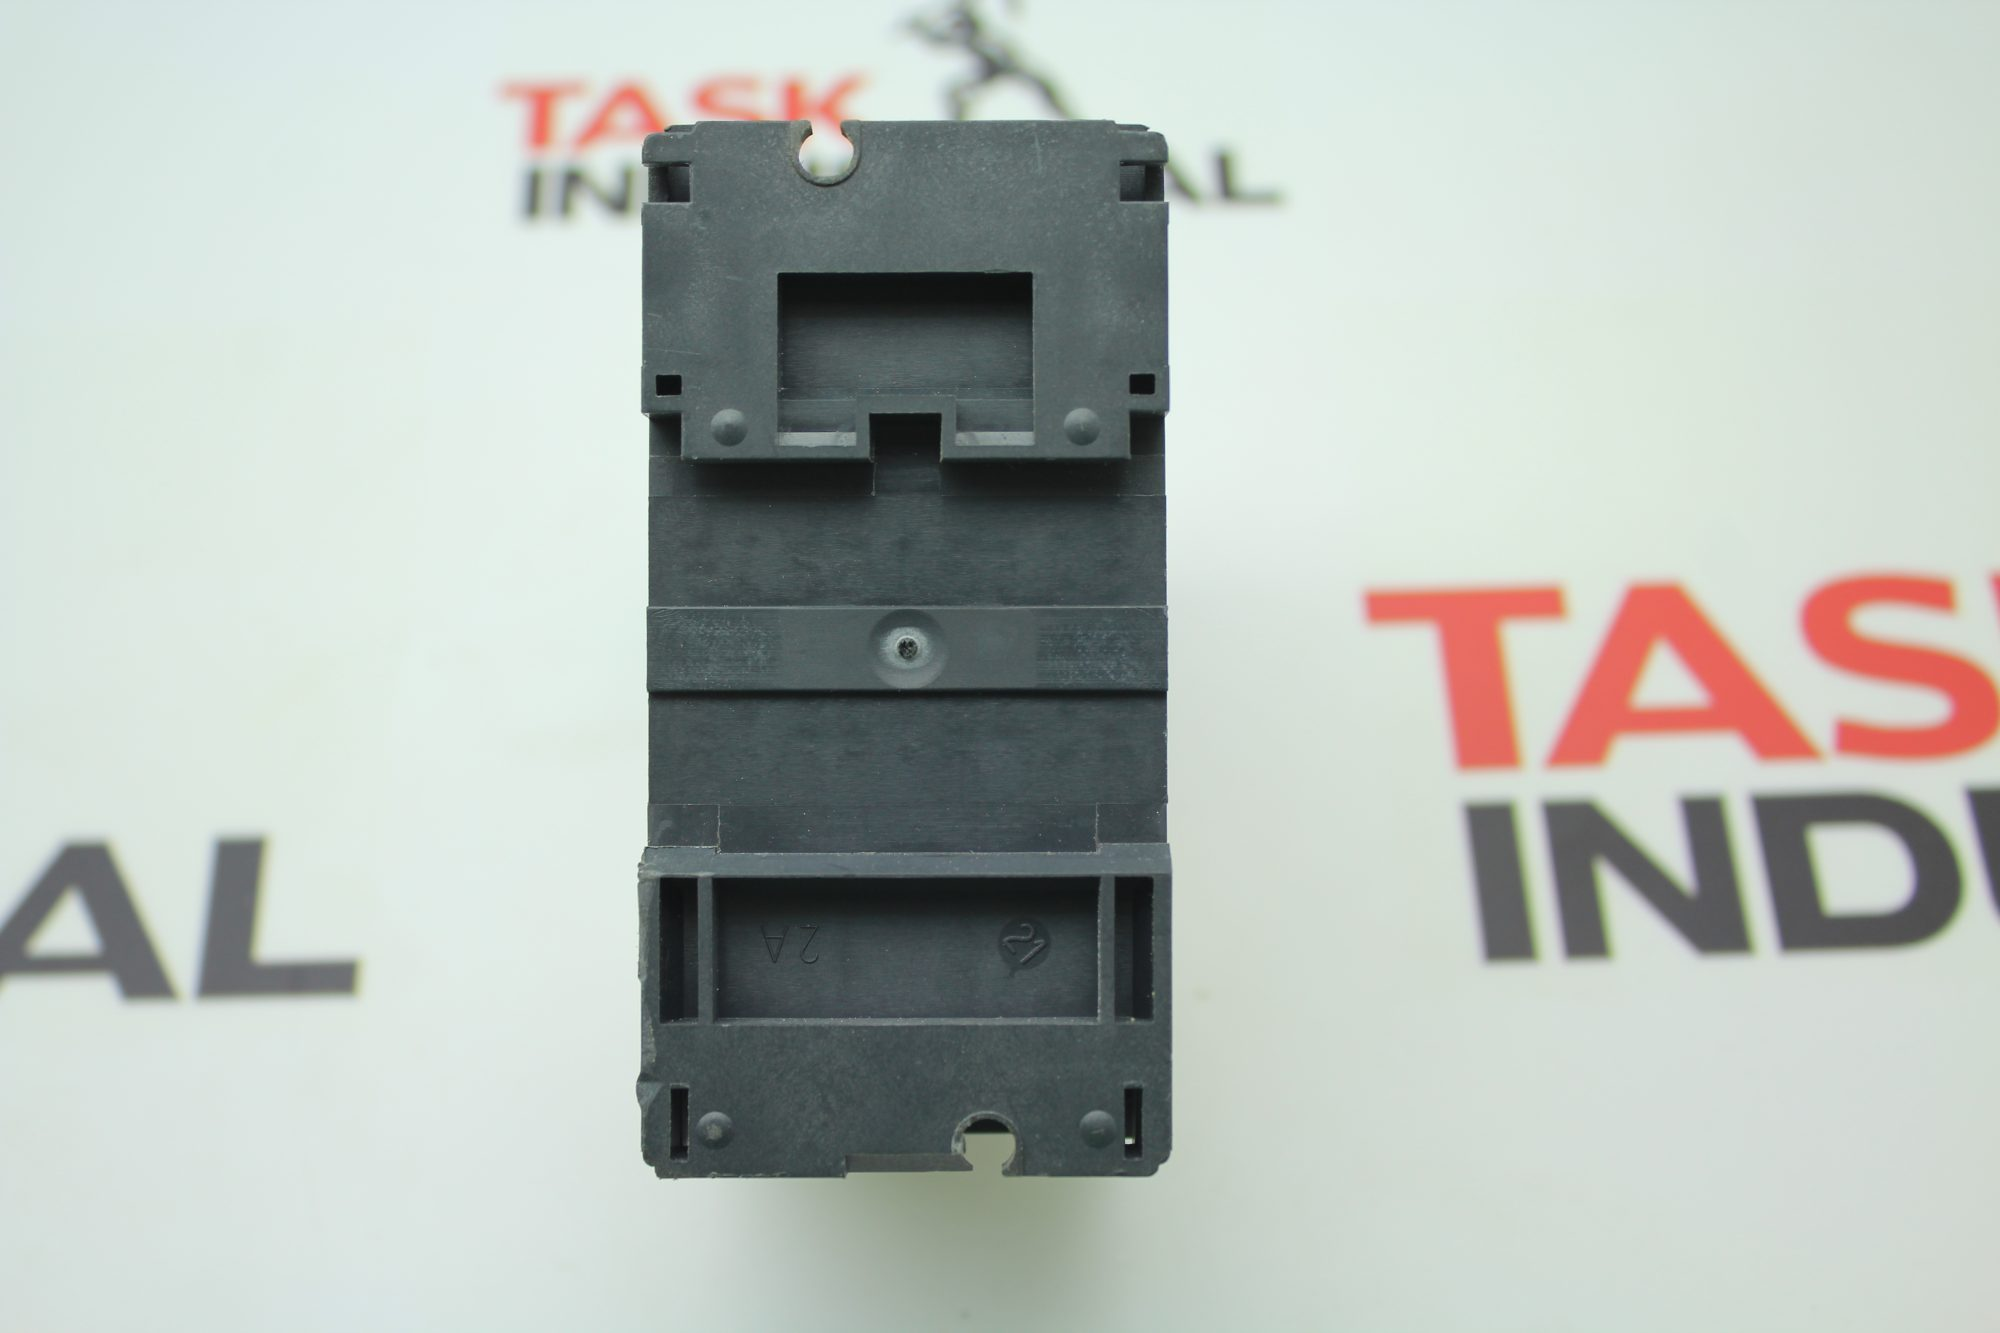 Telemecanique Gv2 P08 H7 25 4a Motor Circuit Breaker Details About Siemens 5sx21 C5 230 400v 5 Amp